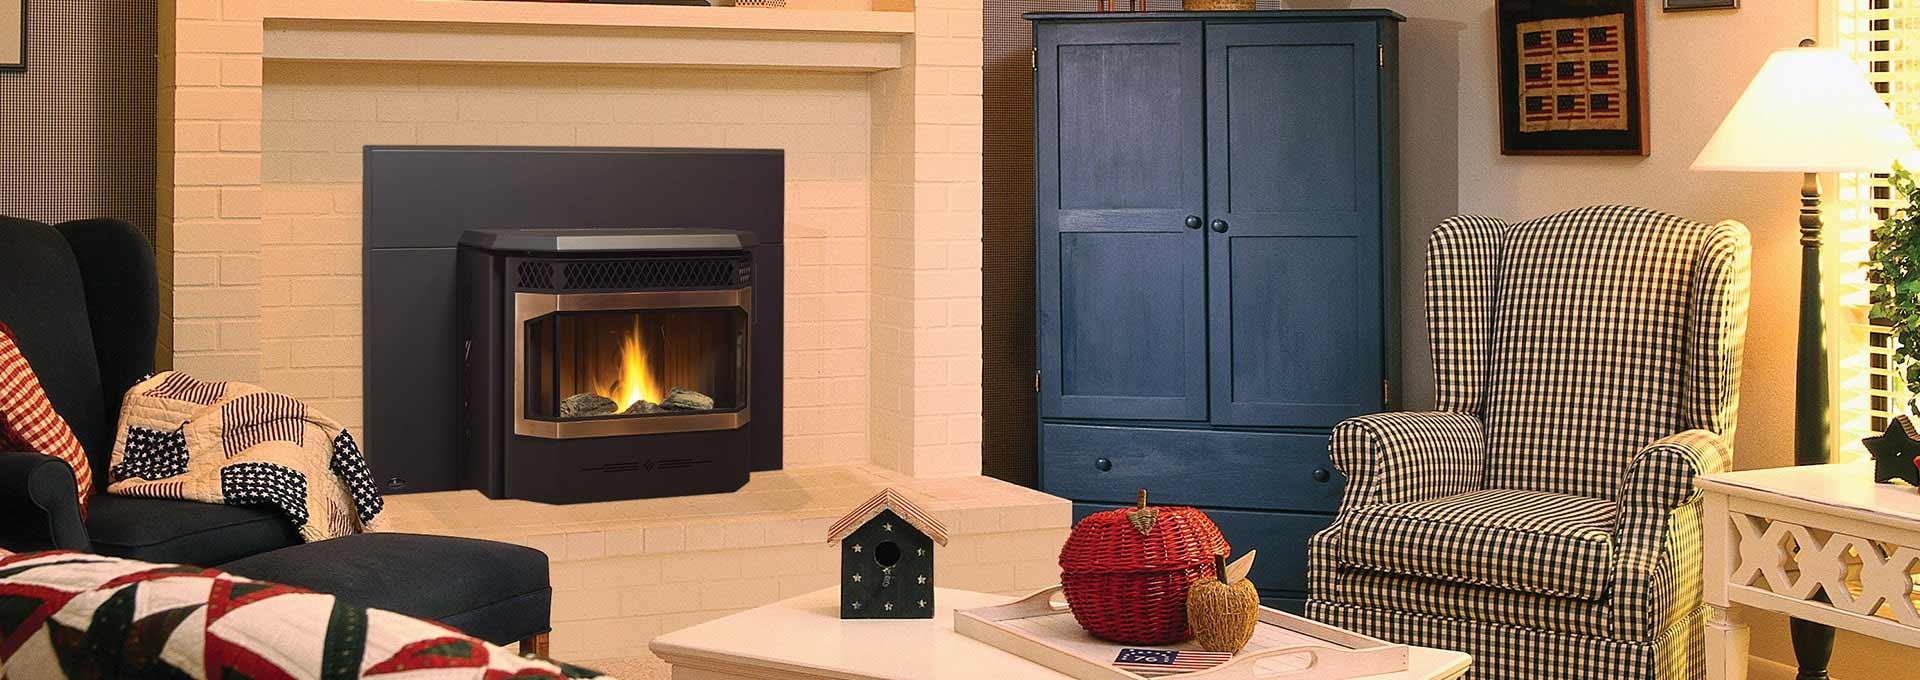 greenfire gfi55 pellet insert pellet inserts regency fireplace